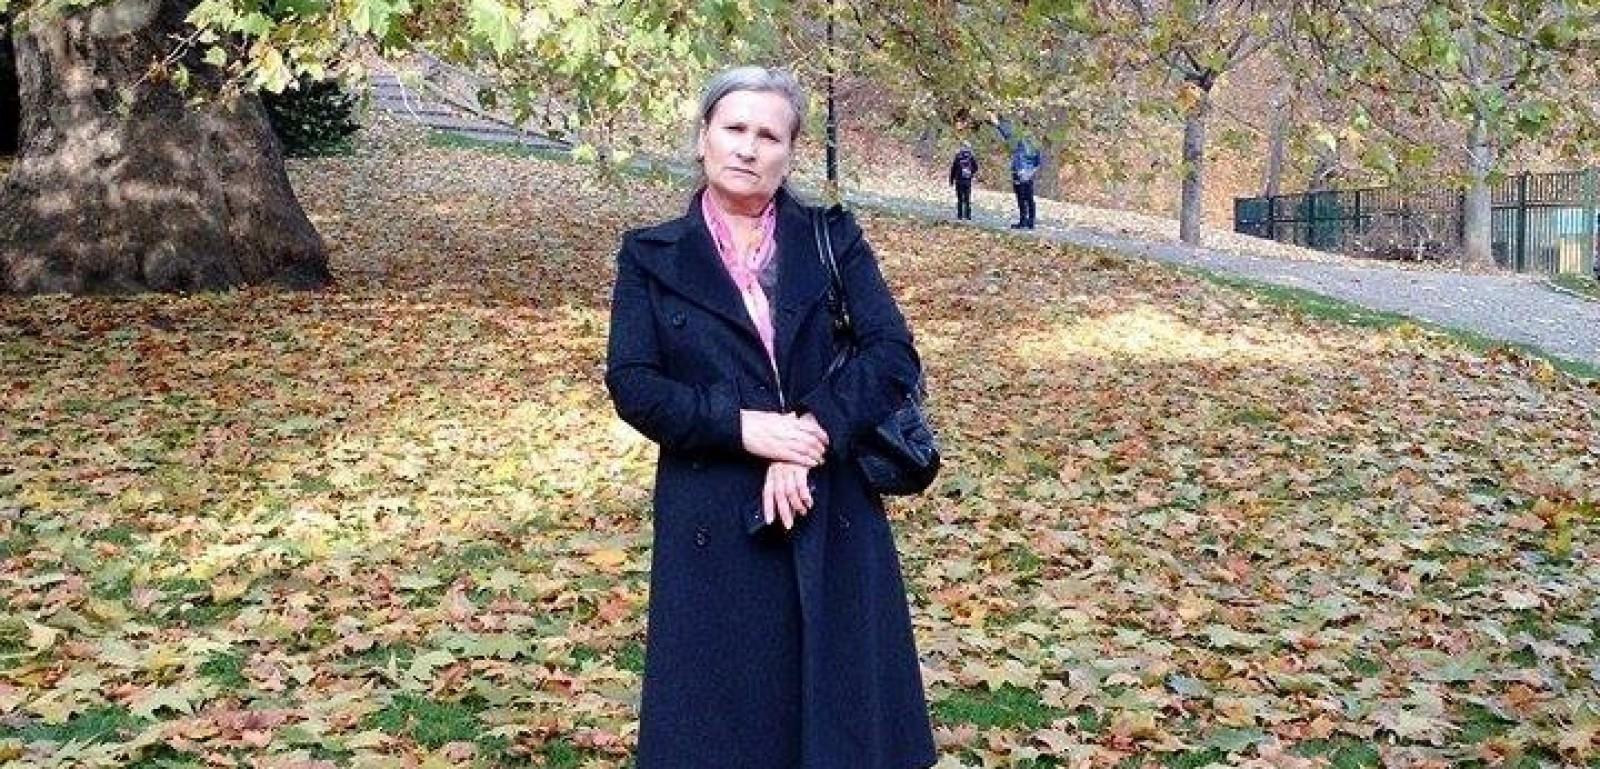 Moldoveancă din diaspora: Psihologic, sunt cei mai grei 18 ani de când sunt în Italia